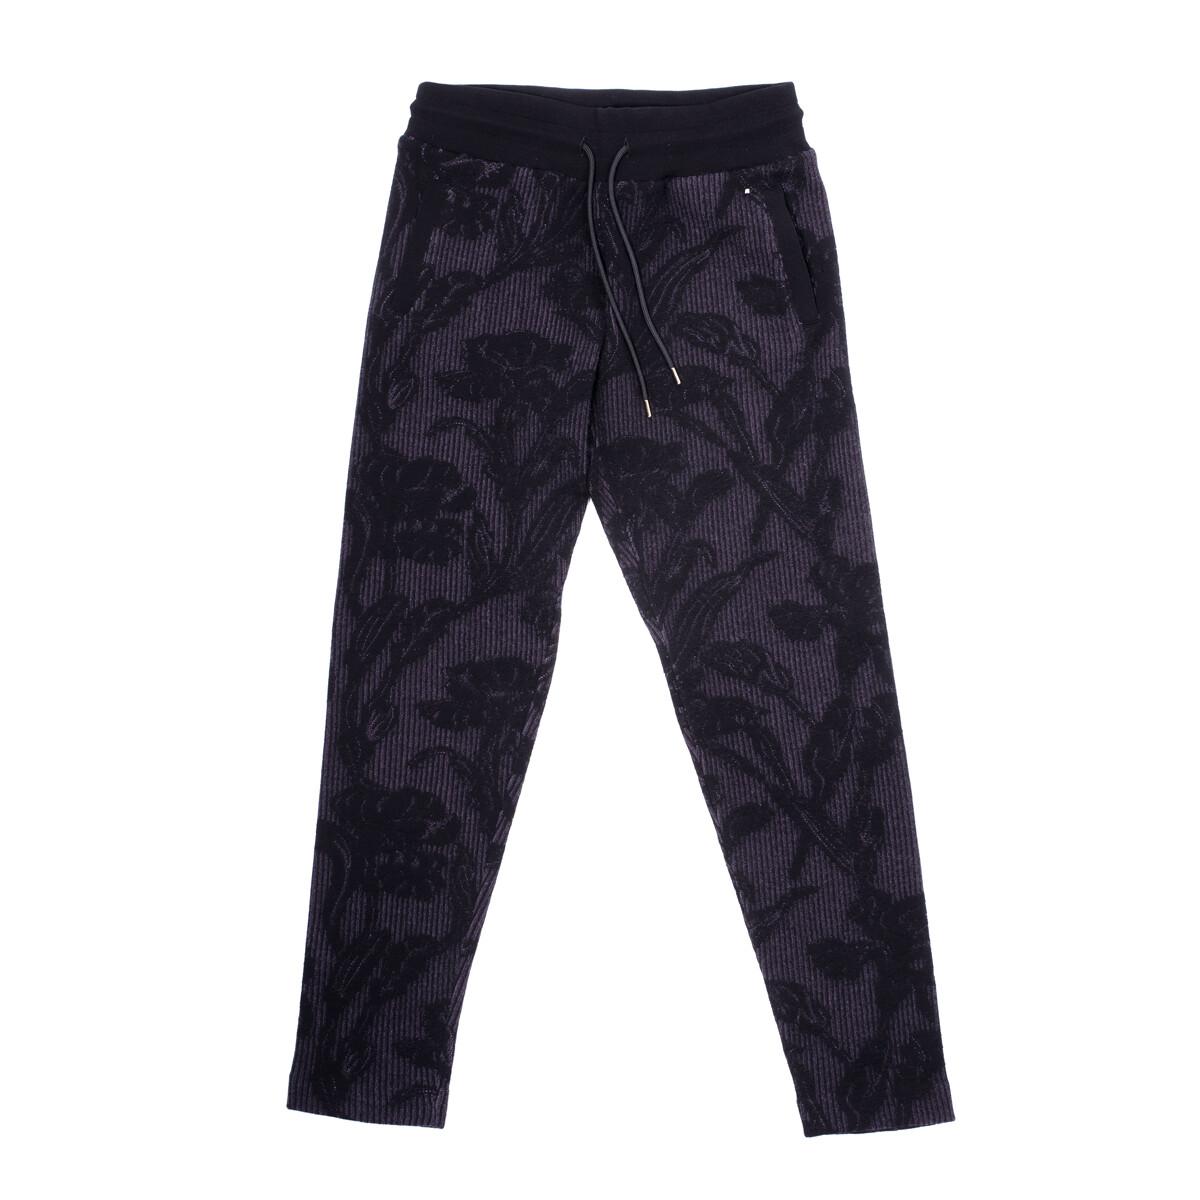 PURPLE GOFFREY (Trouser)